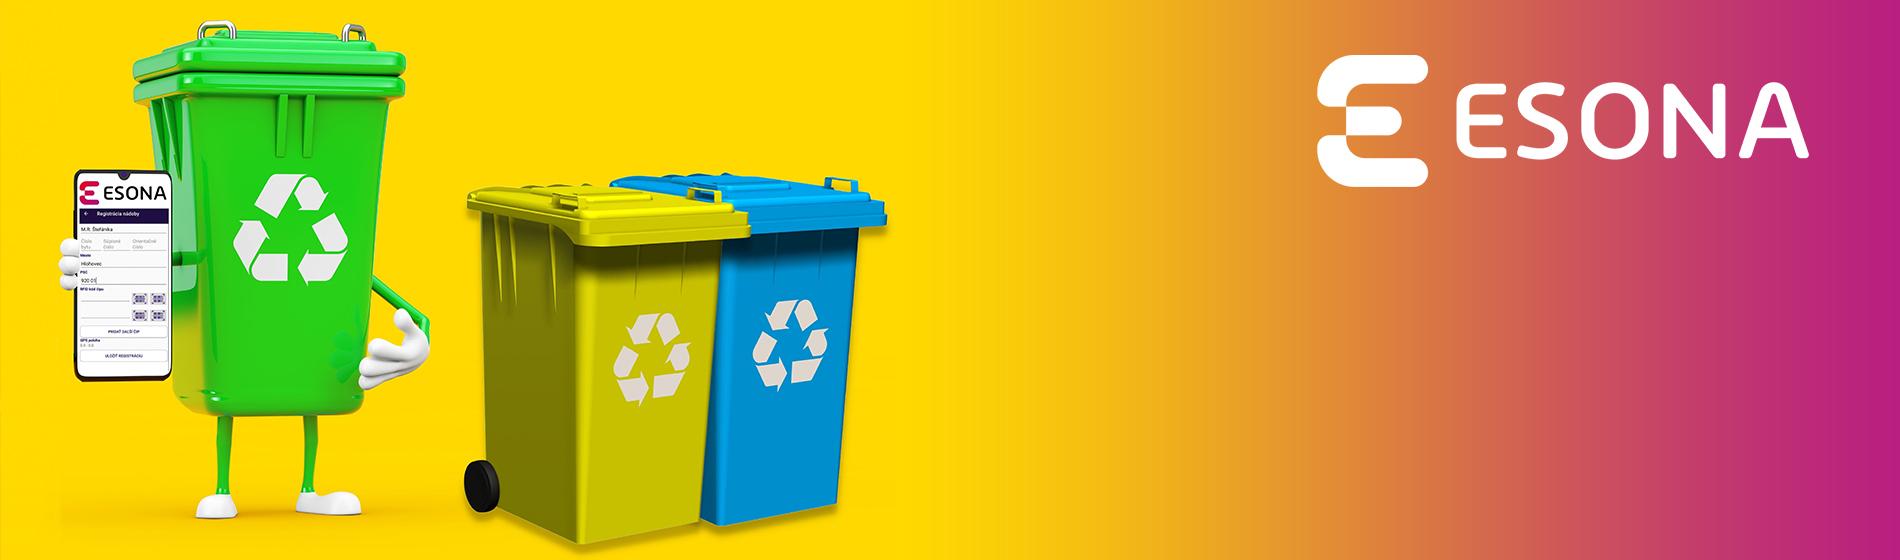 Aplikácia ESONA pre perfektný prehľad o vašich odpadoch